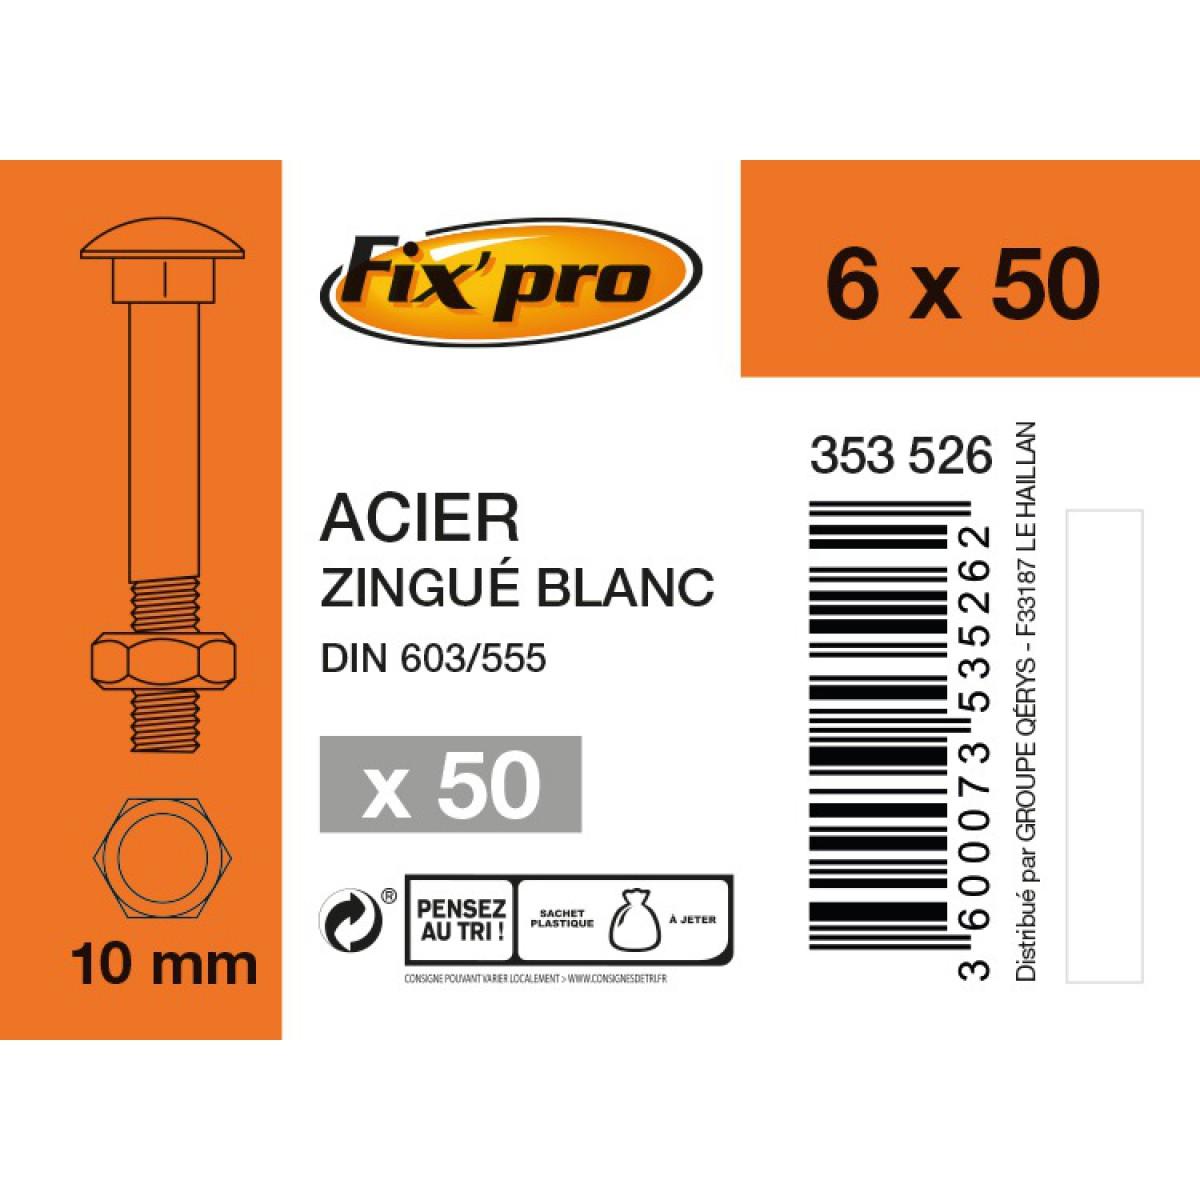 Boulon Japy tête ronde collet carré acier zingué - 6x50/18 - 50pces - Fixpro